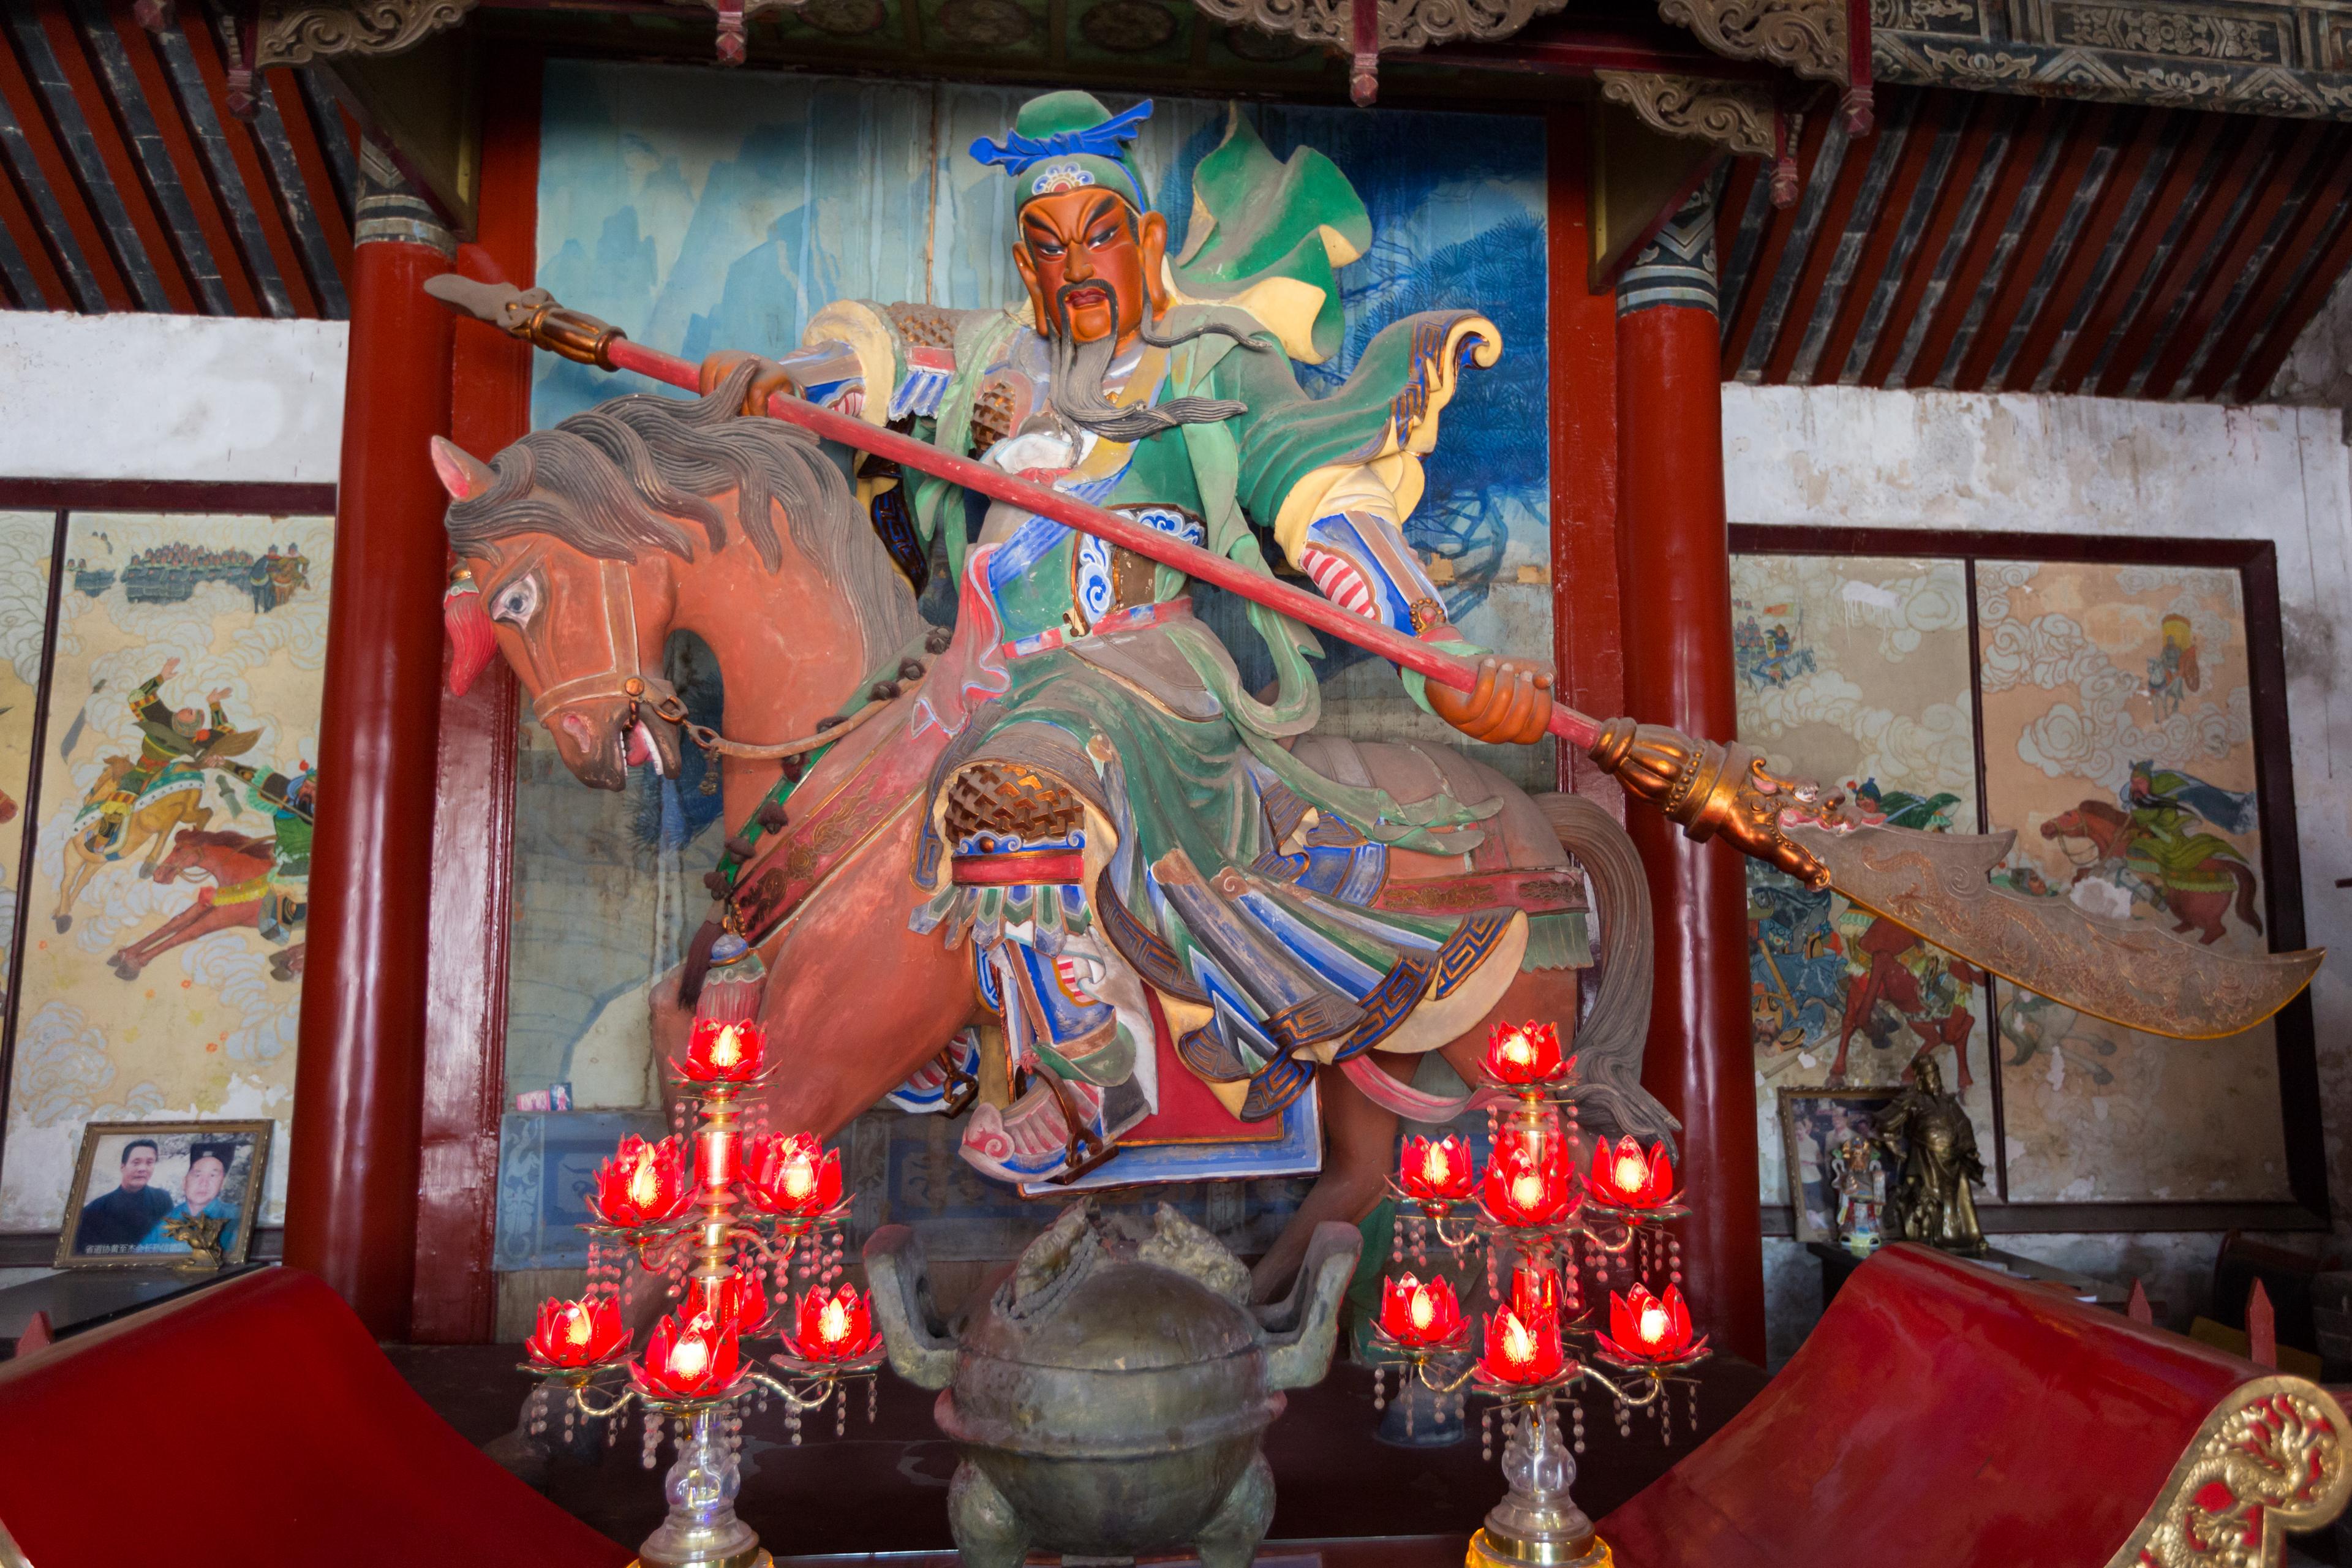 guan_yu_statue_2016_temple_of_guan_yu_28xuchang29_1